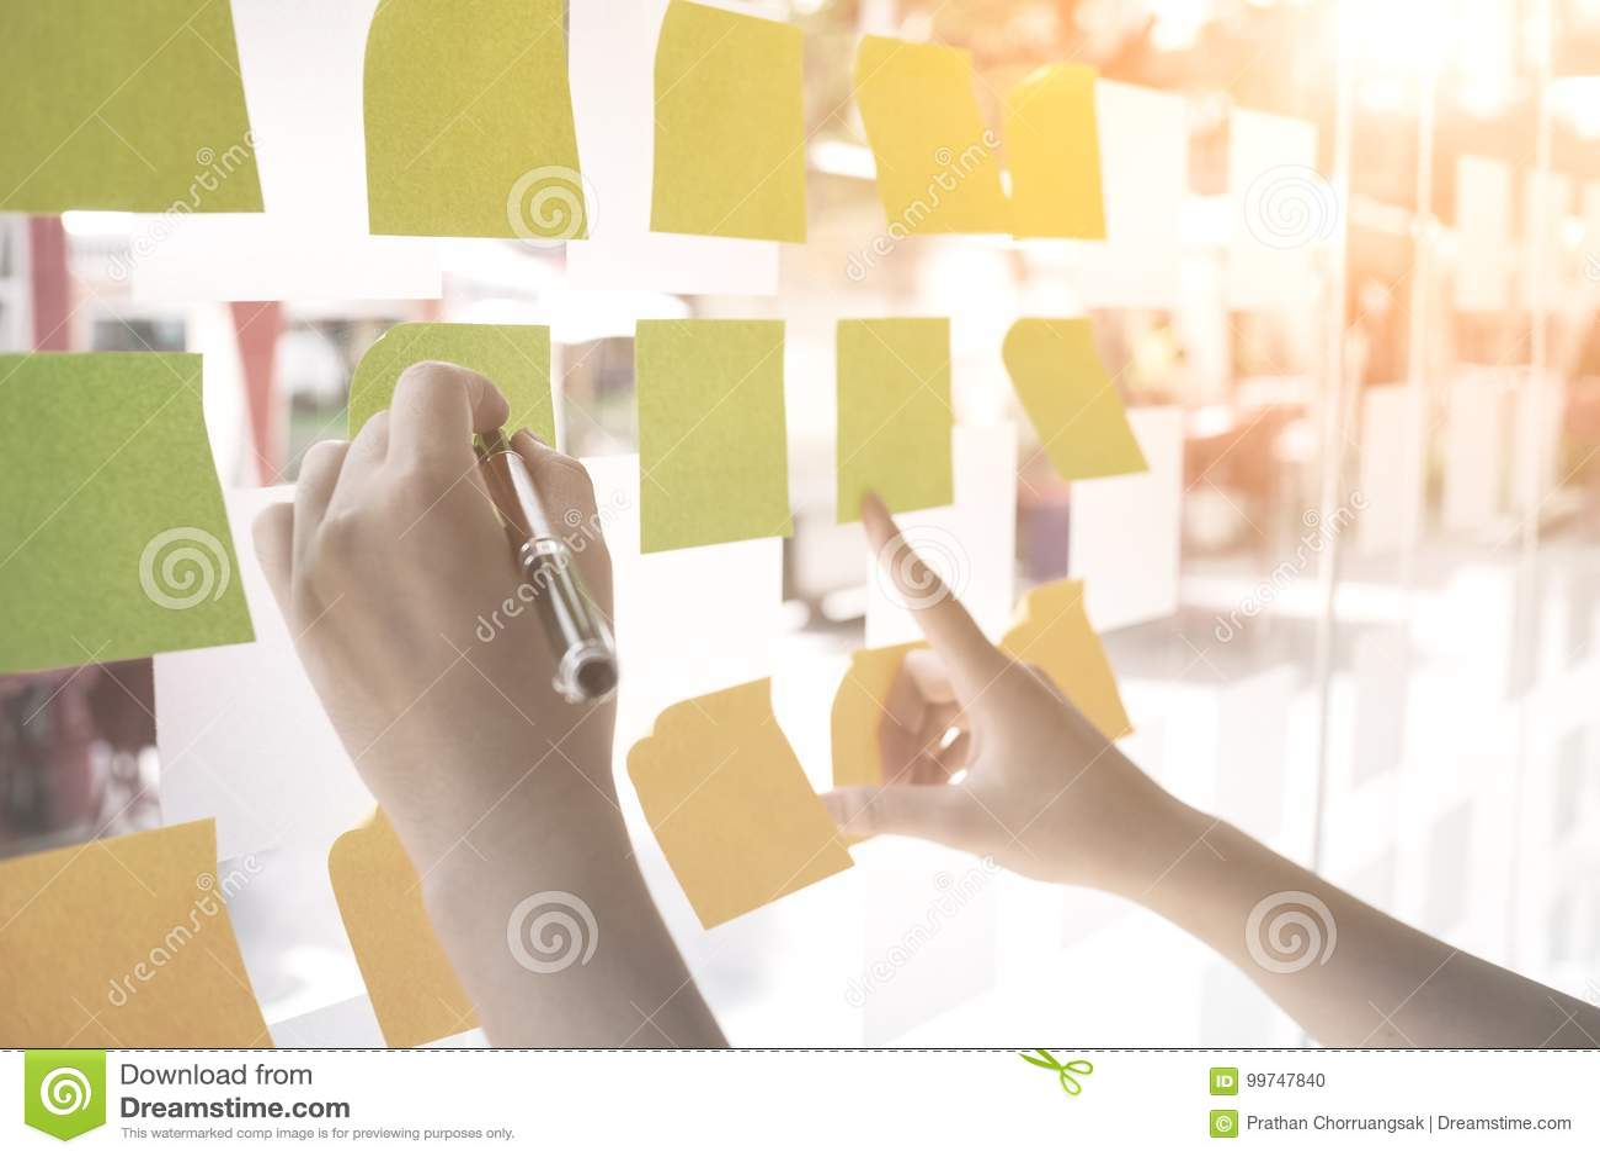 使用柱子纸笔记的手对备忘录或分享想法